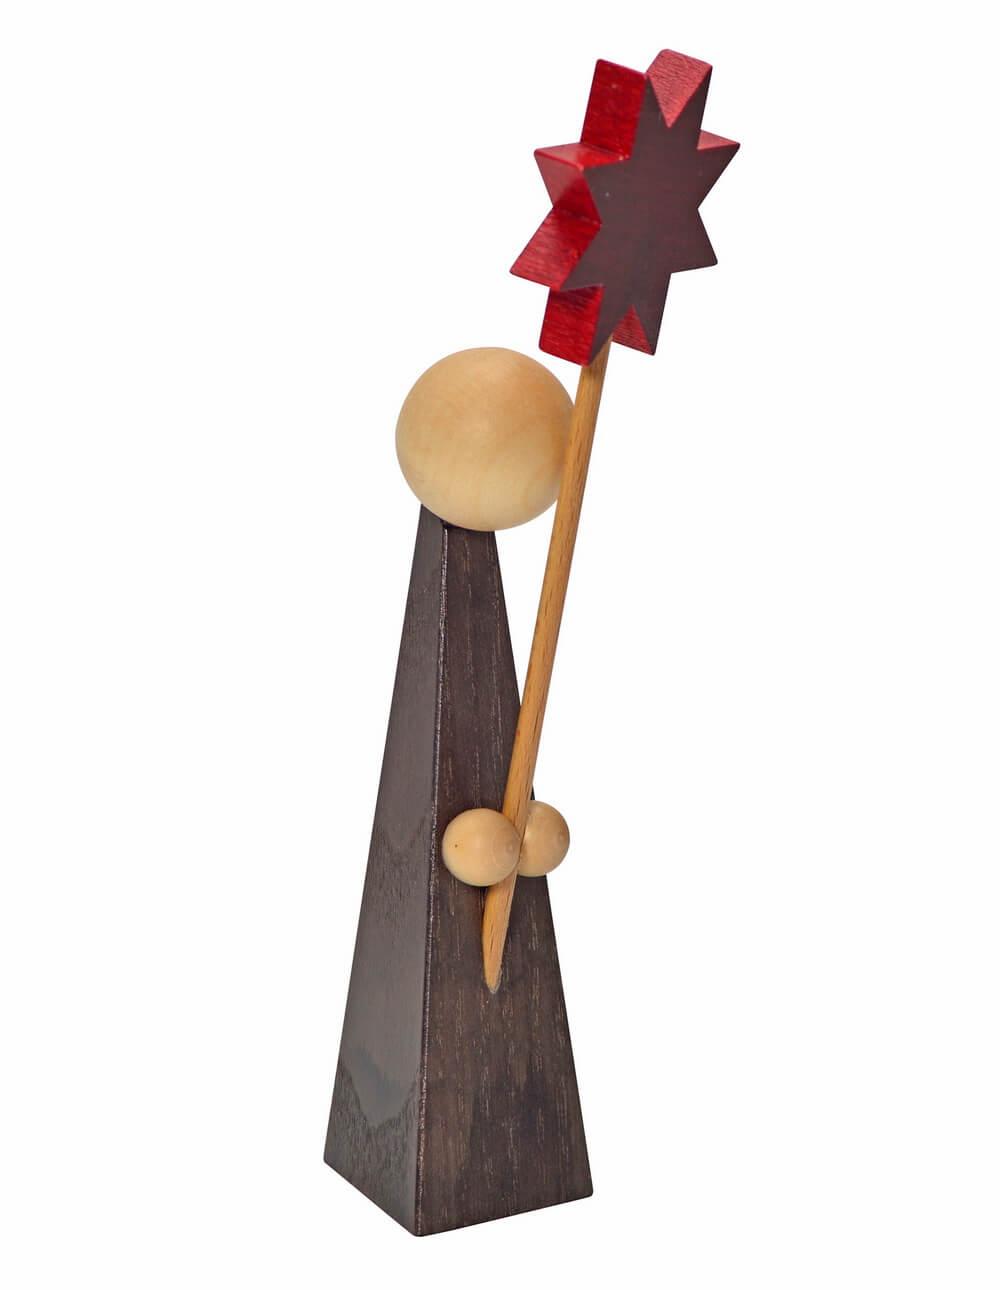 KWO Kurrendefigur mit Stern aus dem Erzgebirge